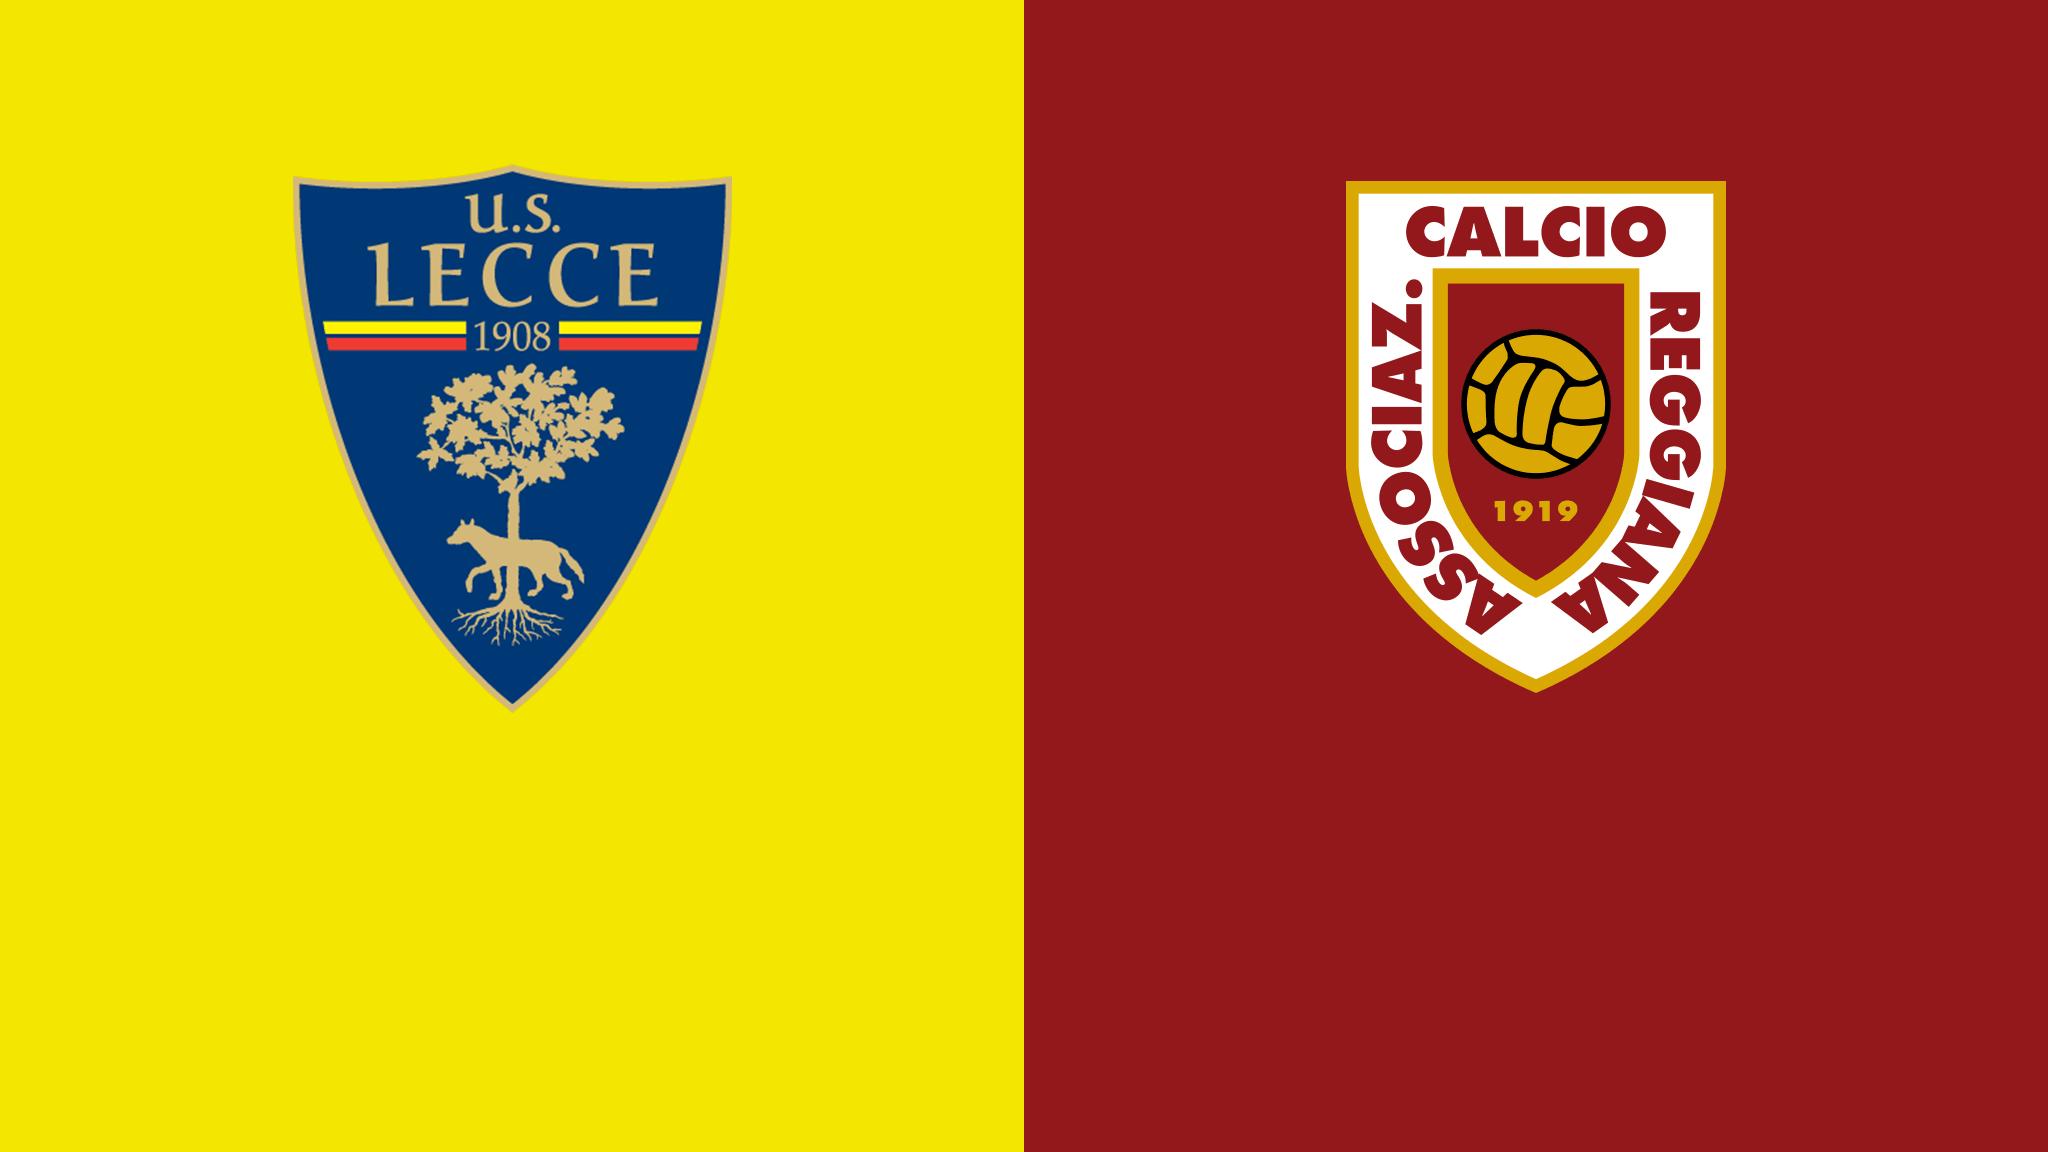 Lecce - Reggiana in Diretta Streaming | Abbonati a 9,99€/mese